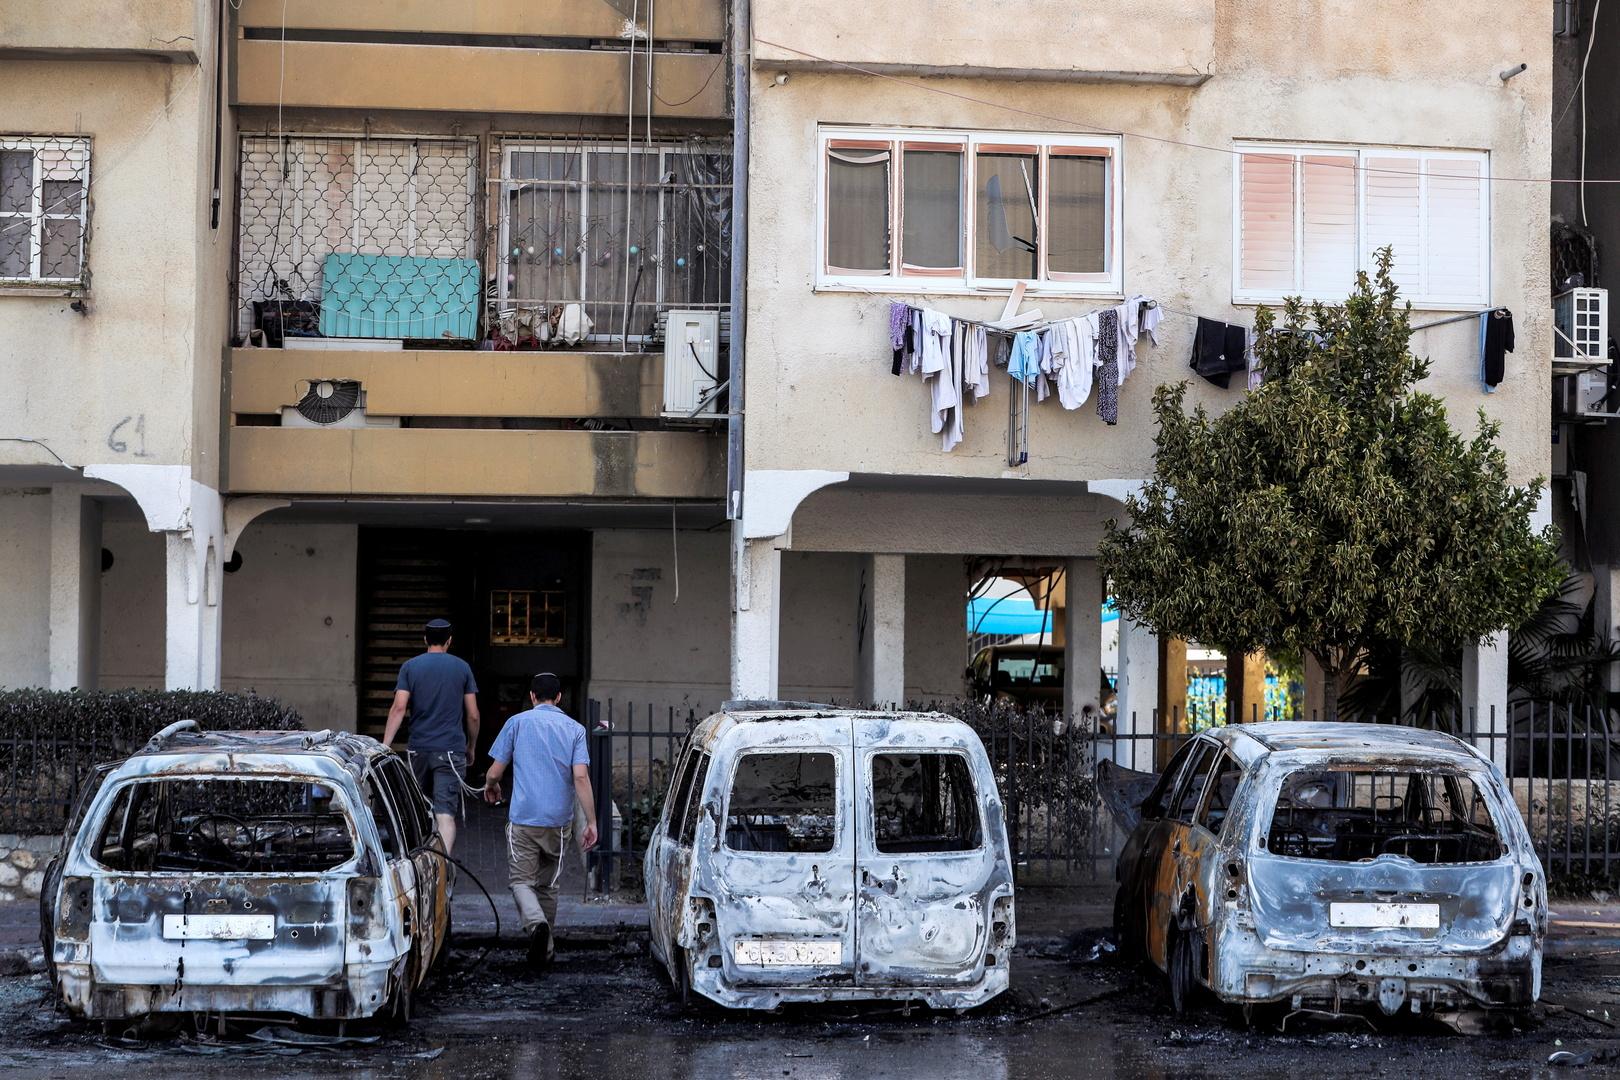 تقارير: الشرطة الإسرائيلية تقول إن العنف في البلدات المختلطة يقوده مخبرون للشاباك